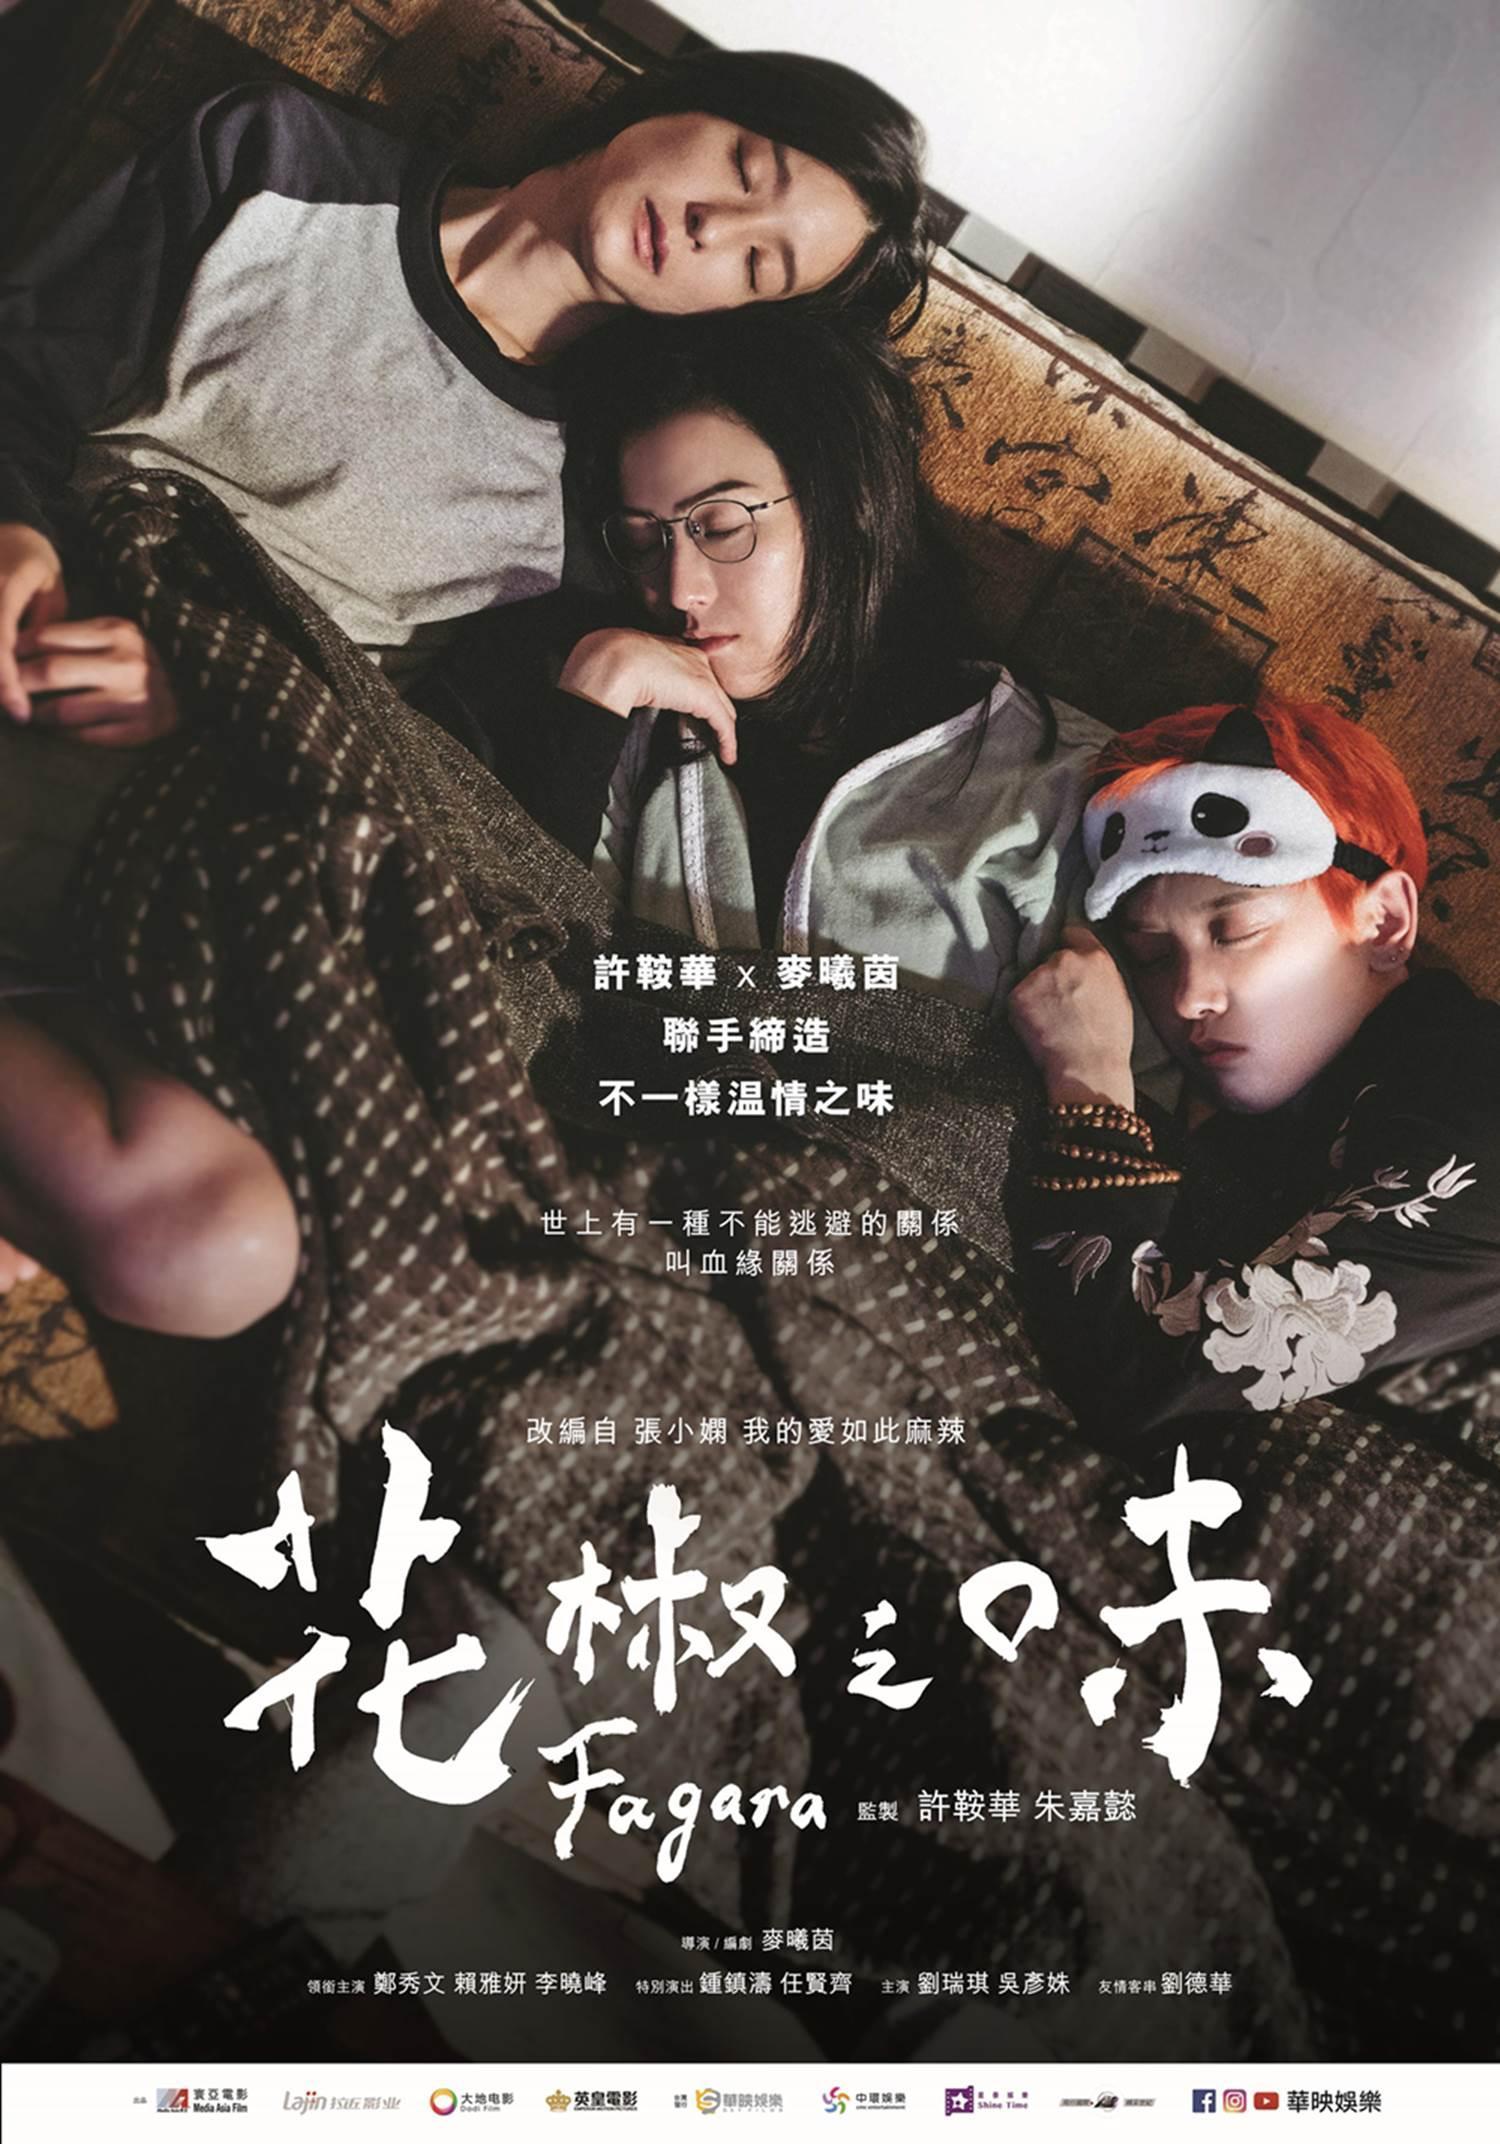 最新熱門電影 《花椒之味 Fagaro》免費|線上看|小鴨影音|中字|HD|高清|外流|藍光DVD @ ting97127的部落格 :: 痞客邦